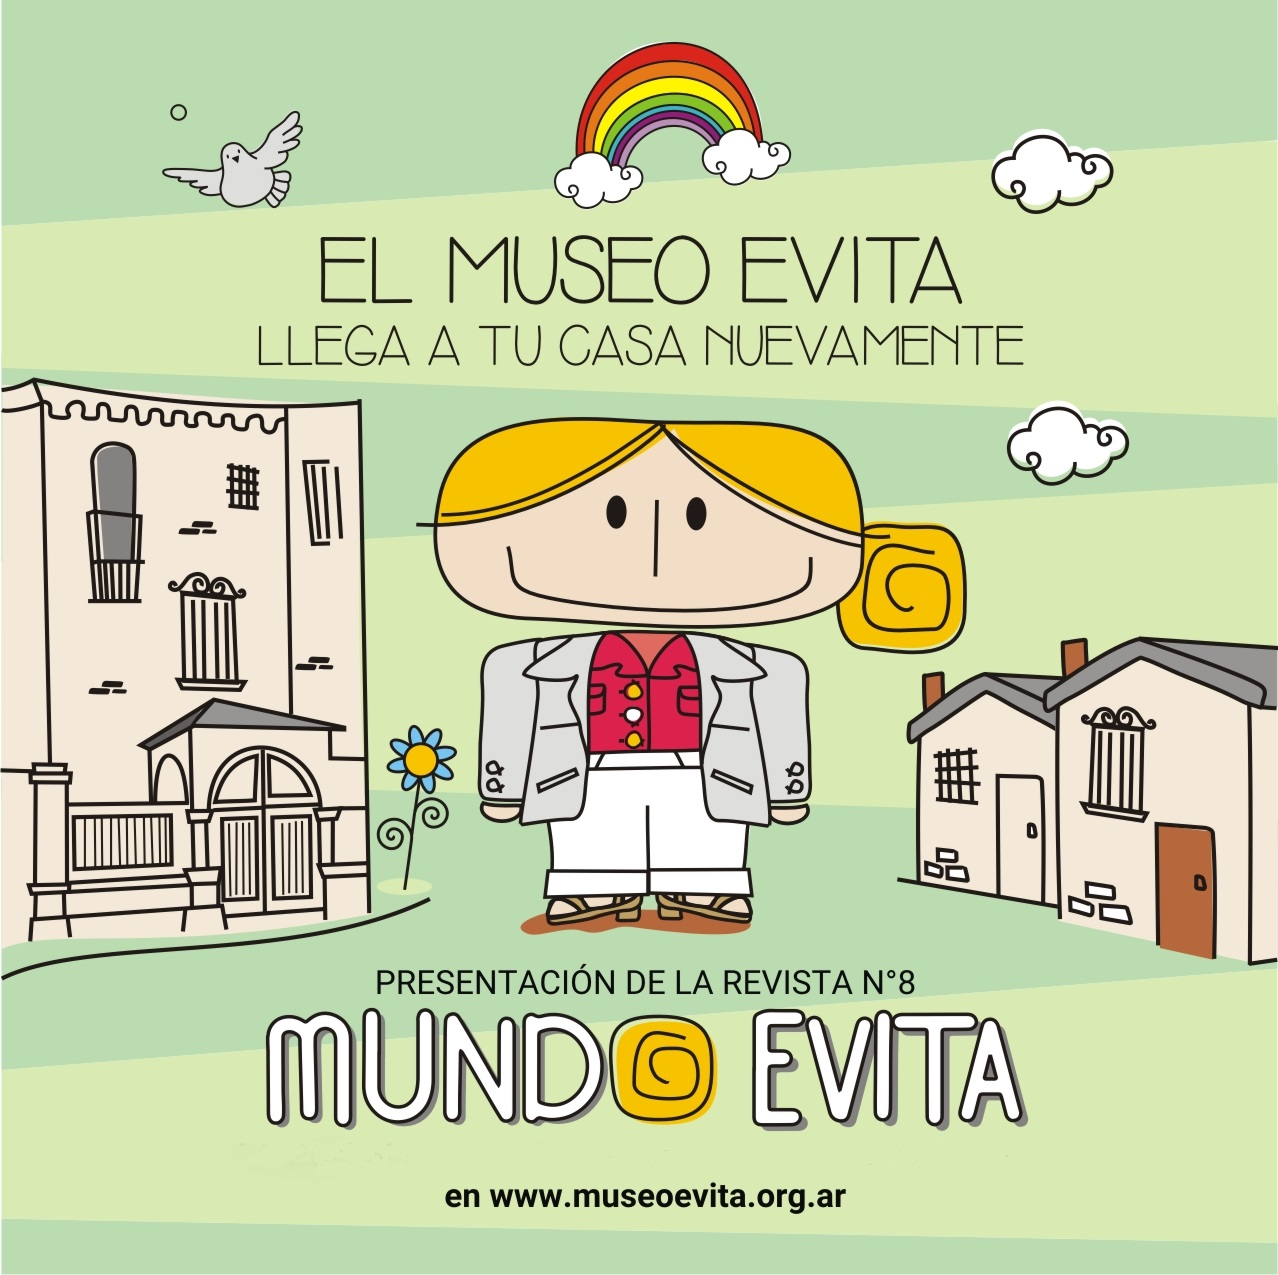 Novena edición. El Museo Evita Llega a tu Casa